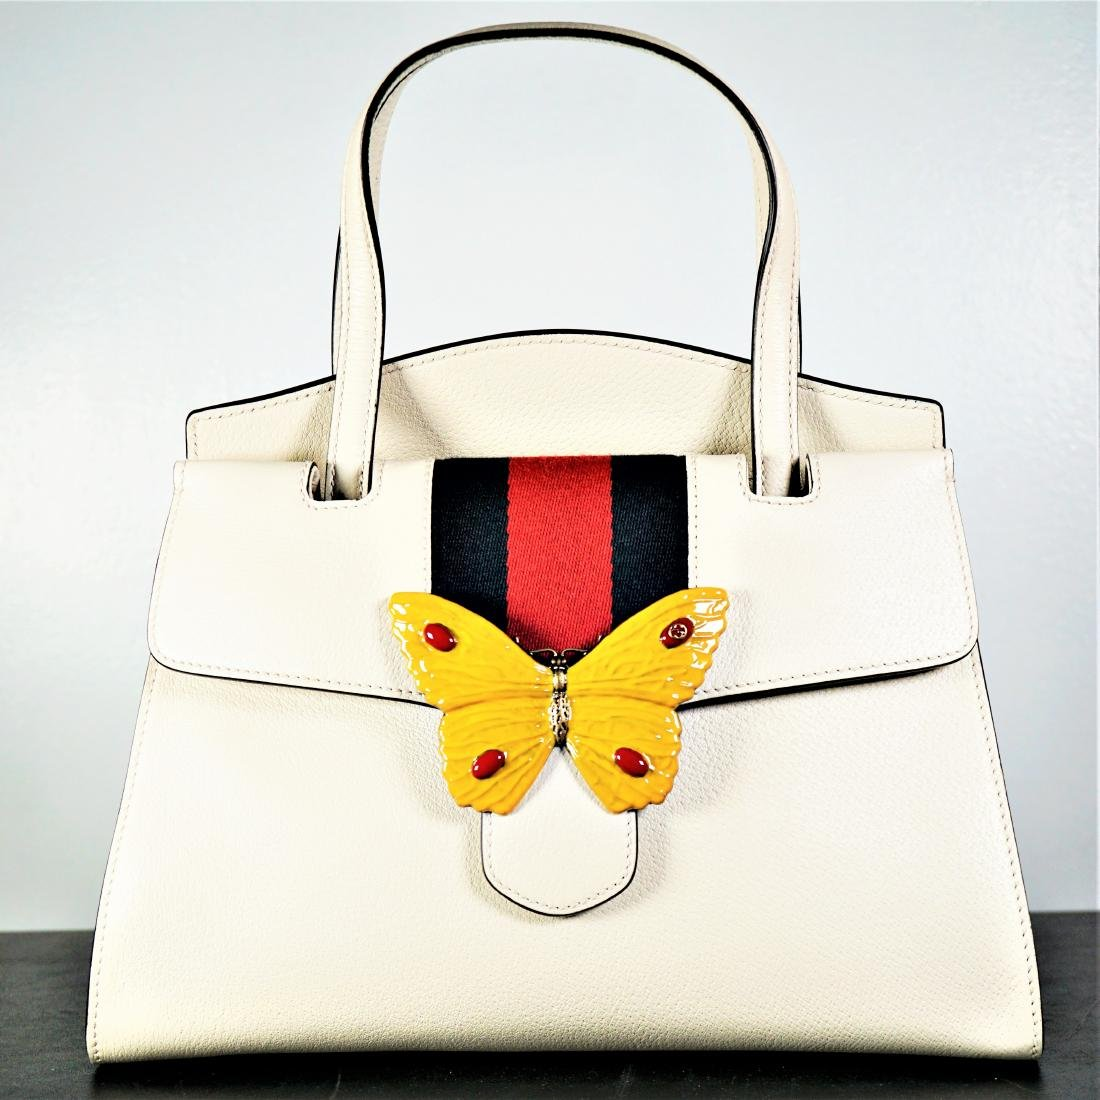 6c9b33d02d0e GUCCI Linea Totem Medium Top Handle Bag